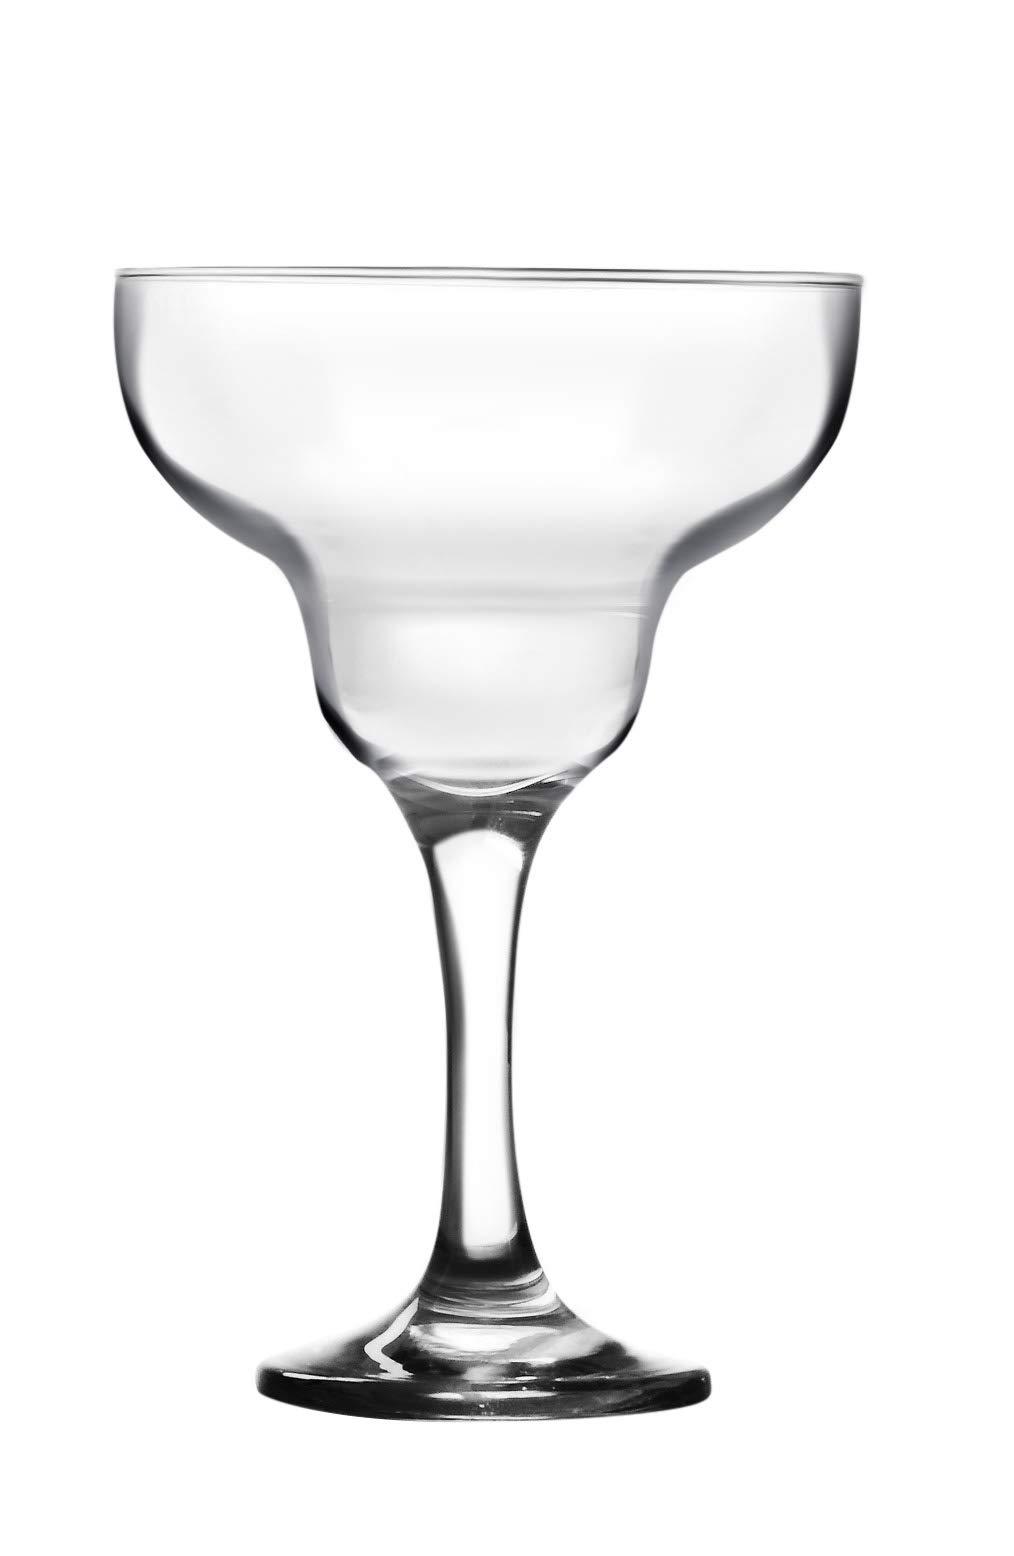 GLASSCO Margarita Glasses, Stem, Set Of 24